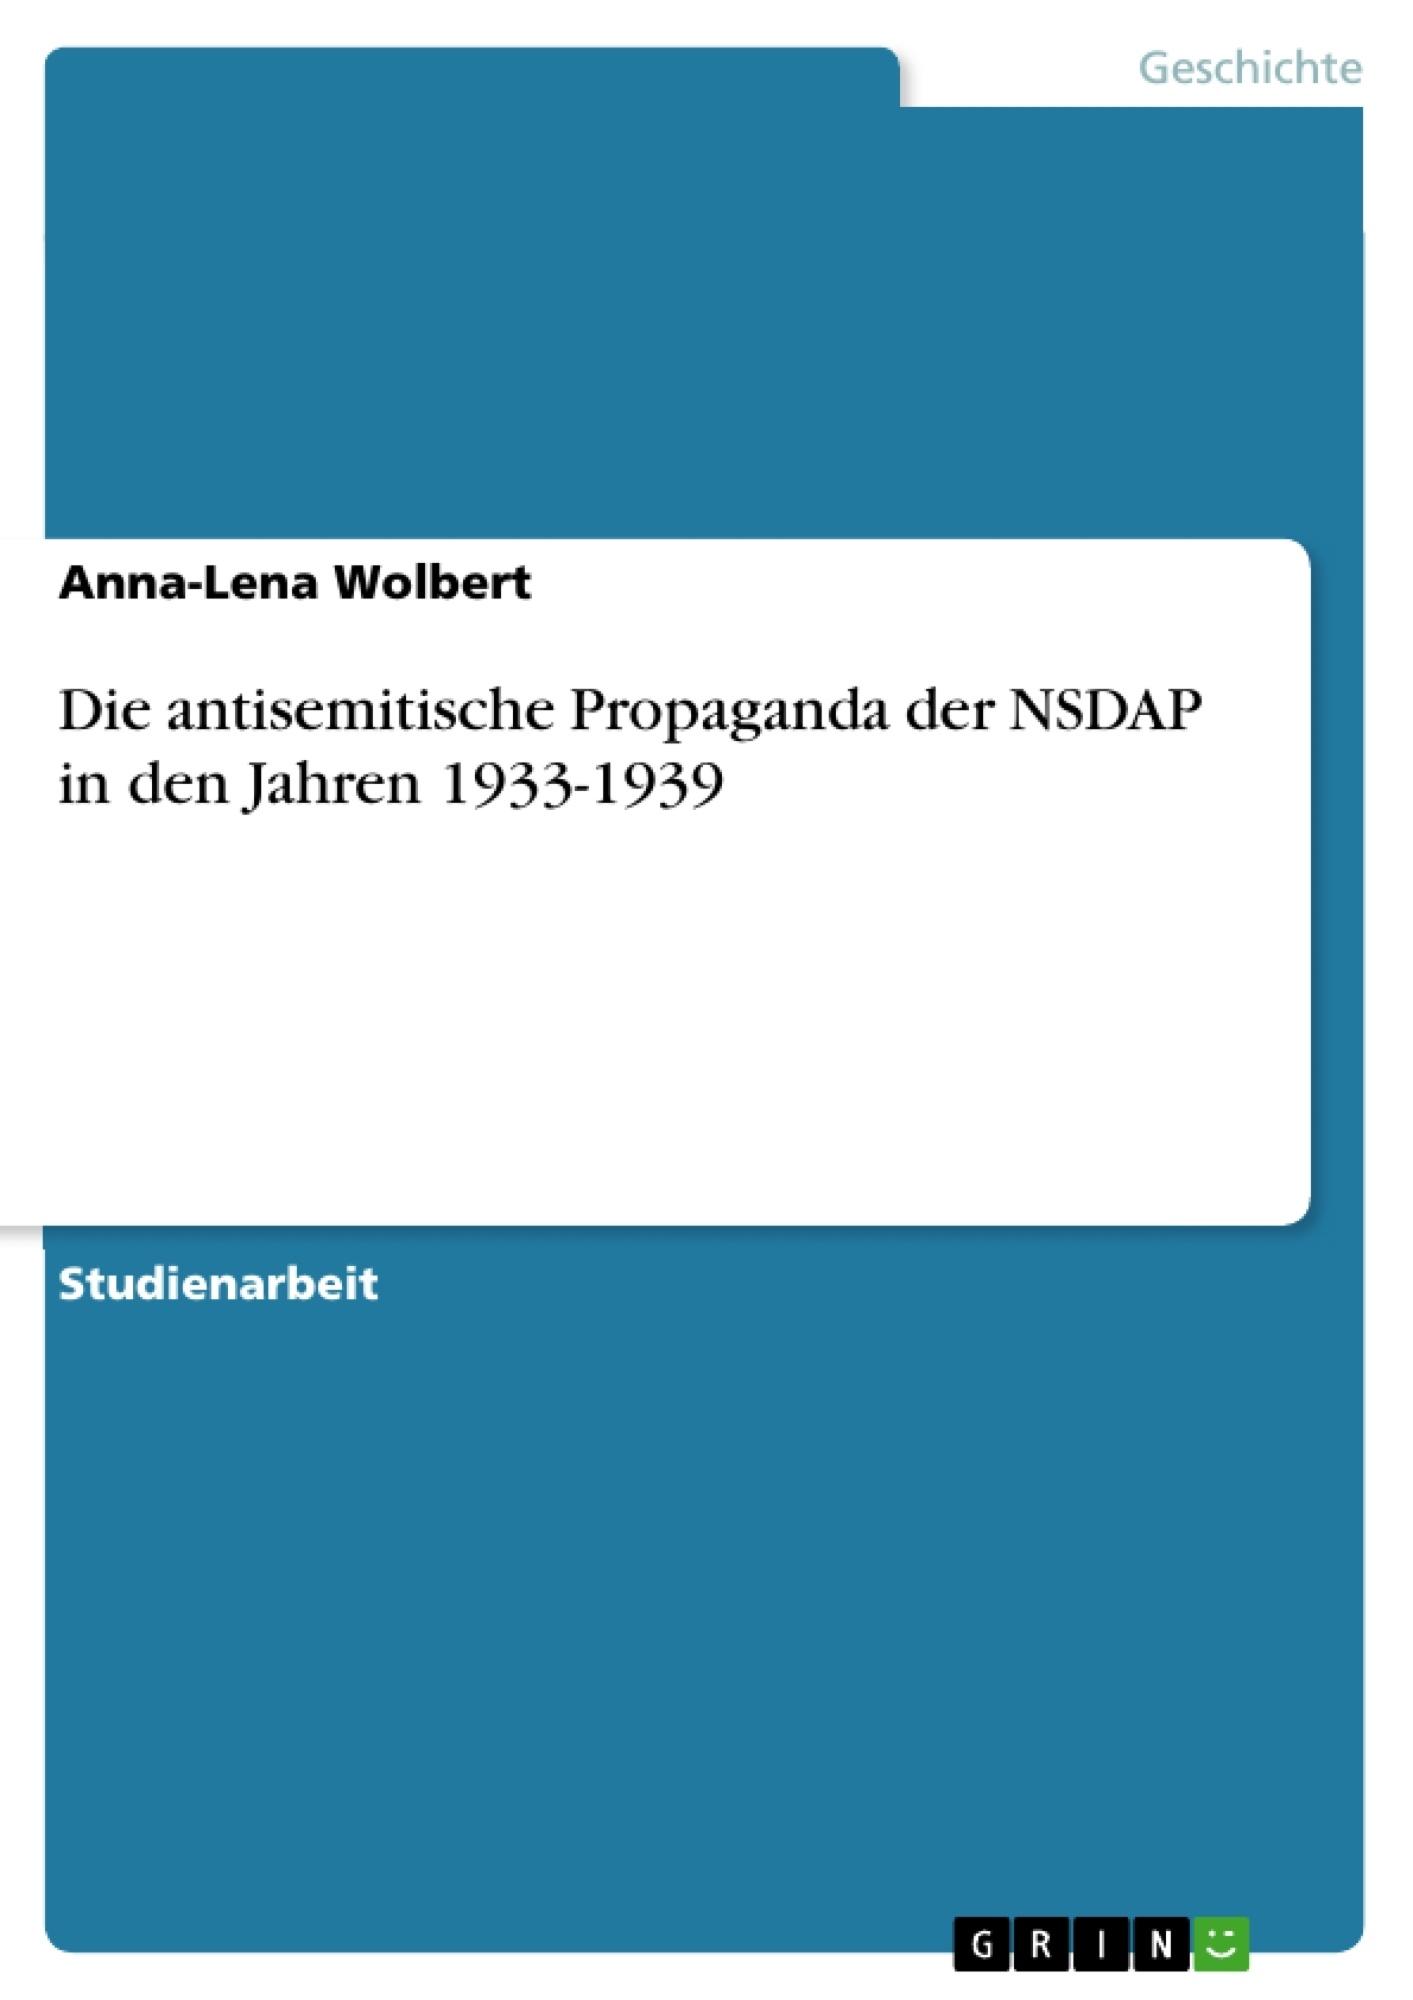 Titel: Die antisemitische Propaganda der NSDAP in den Jahren 1933-1939